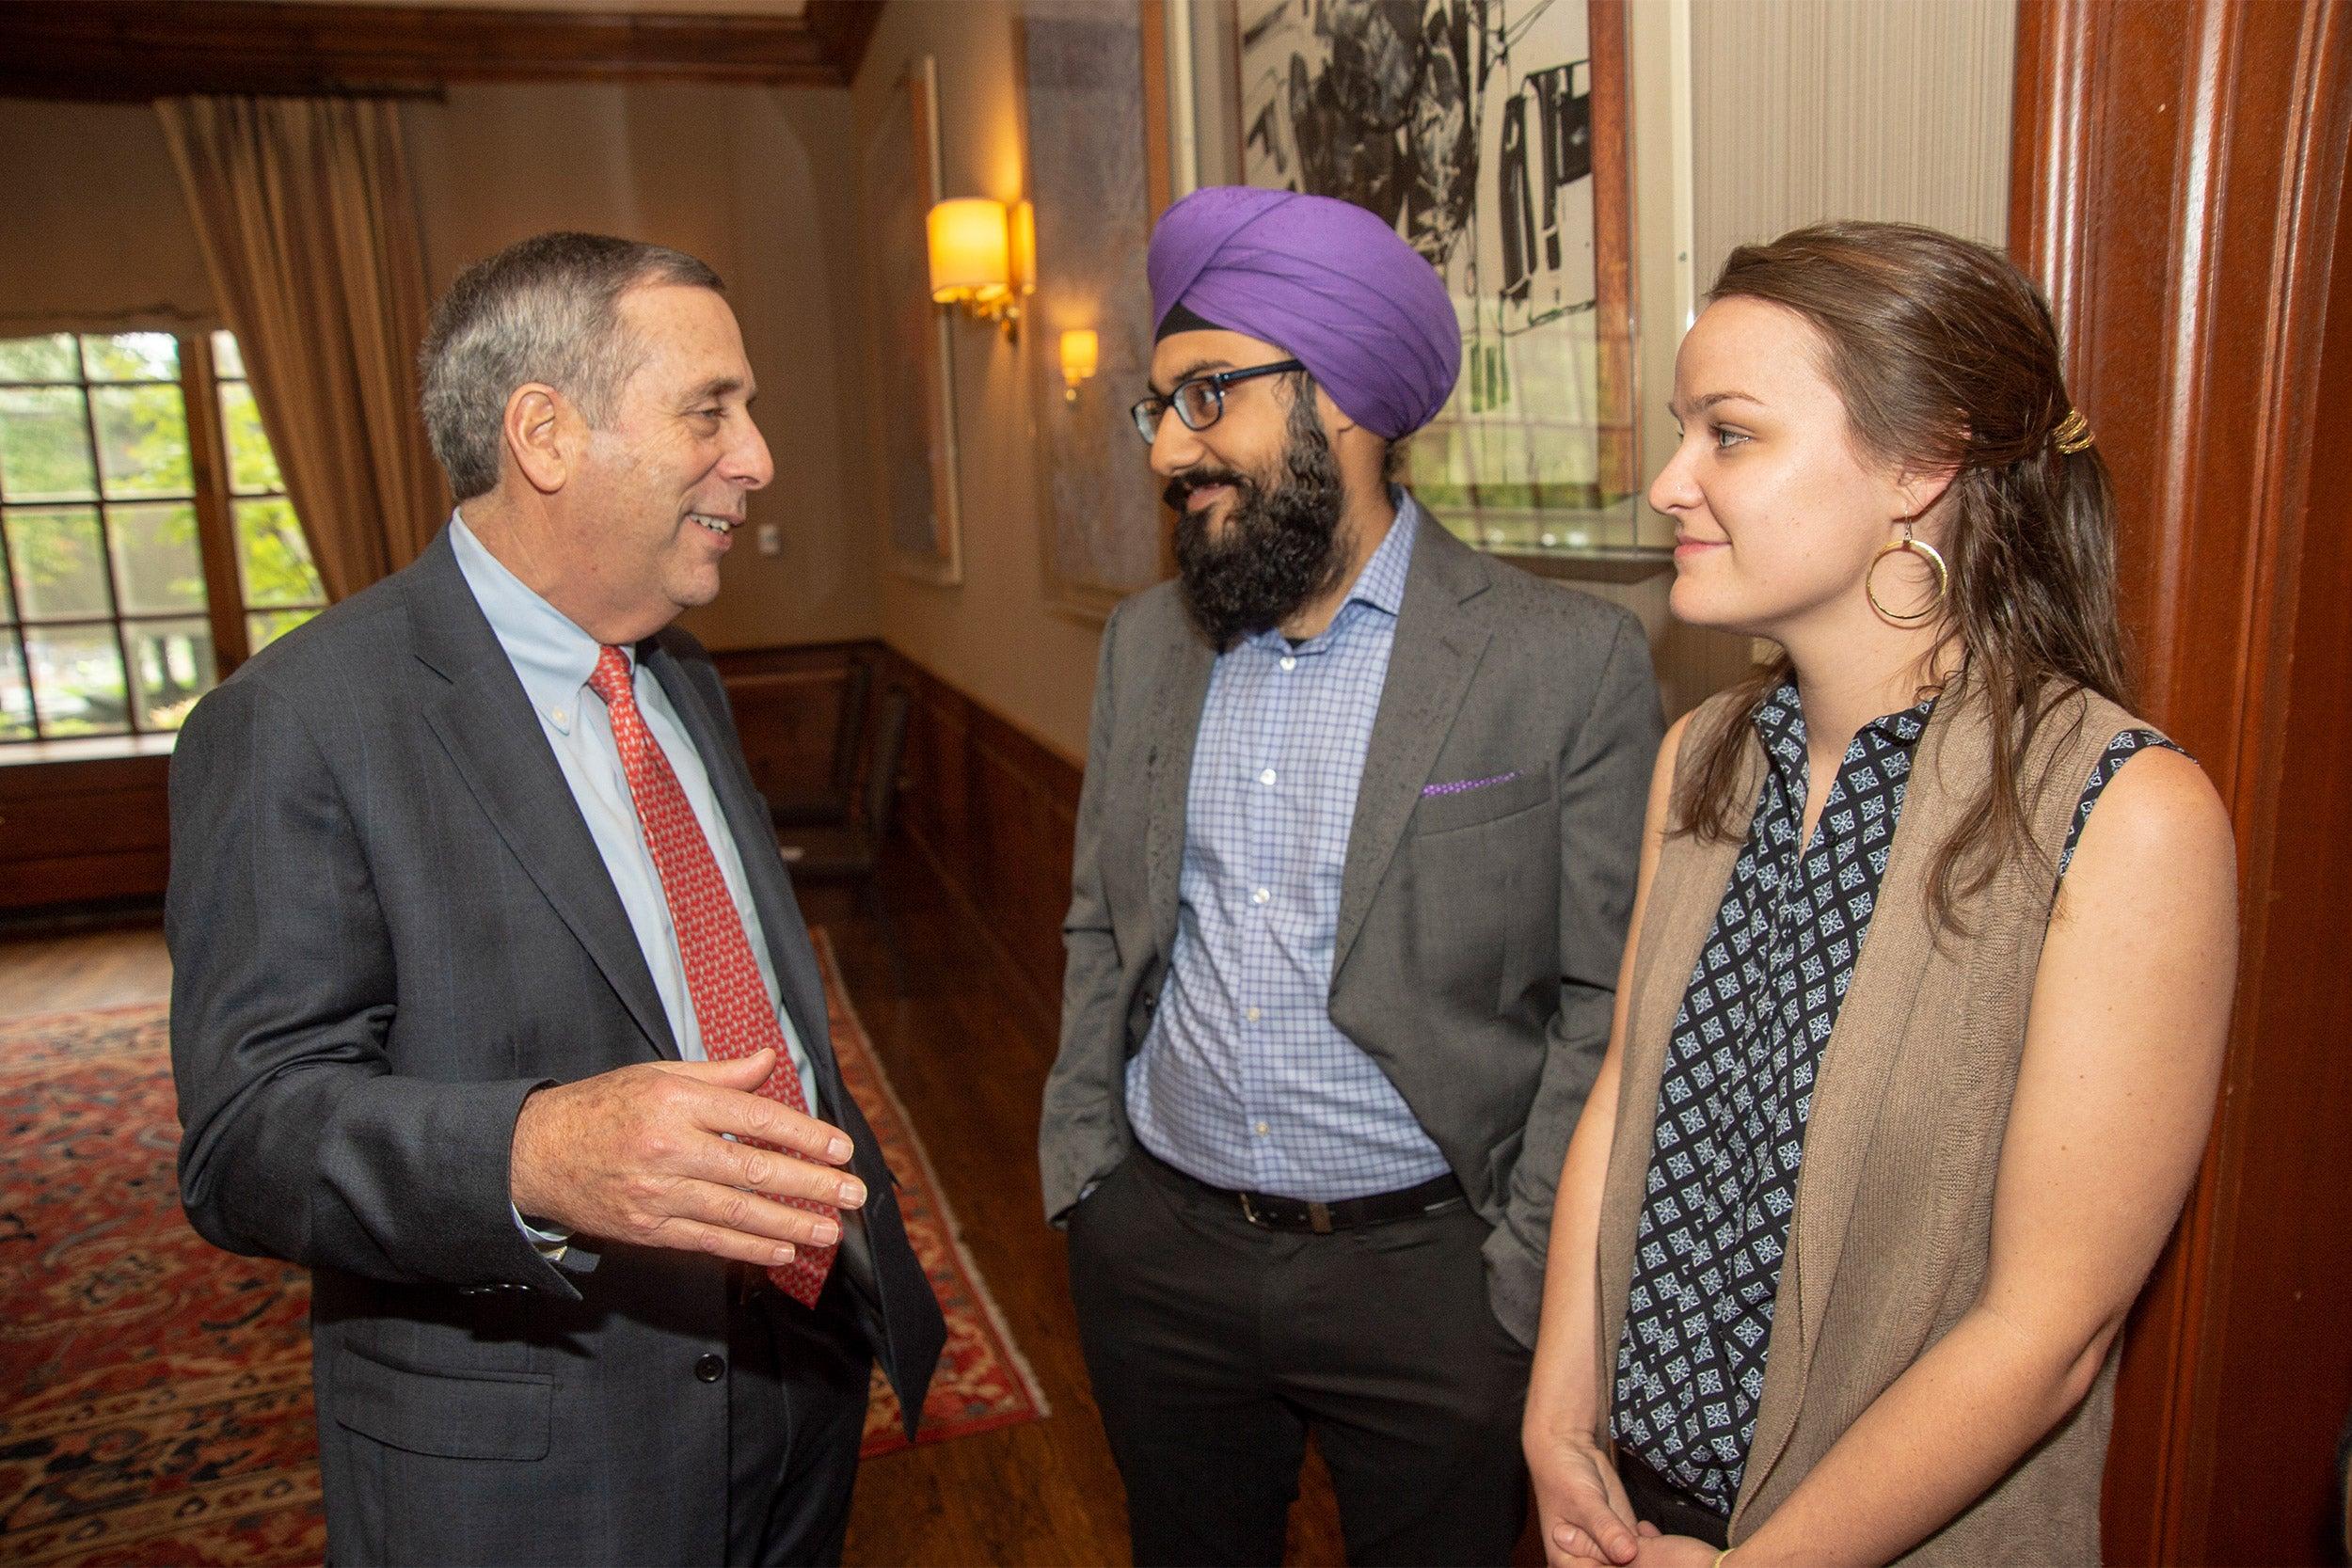 President Bacow, Harmann Singh (center), Sarah Bourland.